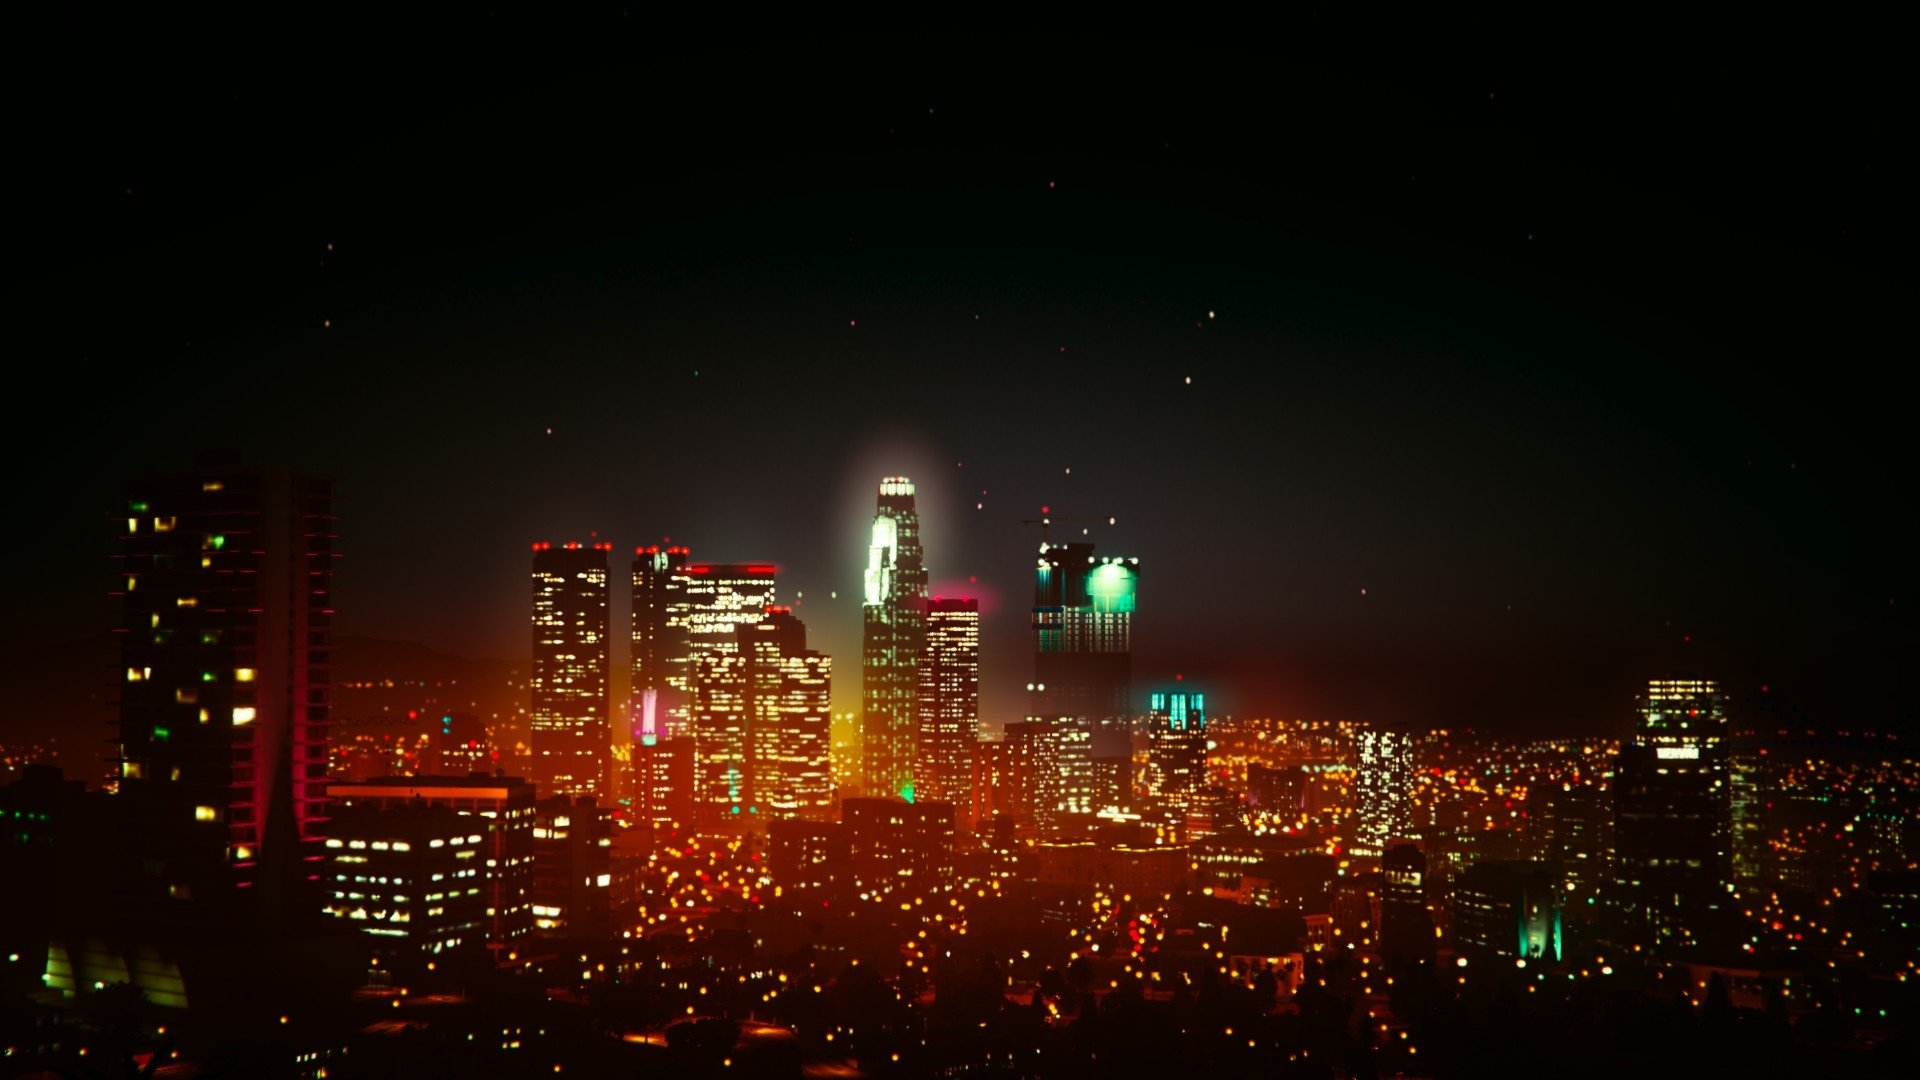 Gta V Iphone 5 Wallpaper Grand Theft Auto V Full Hd Fondo De Pantalla And Fondo De